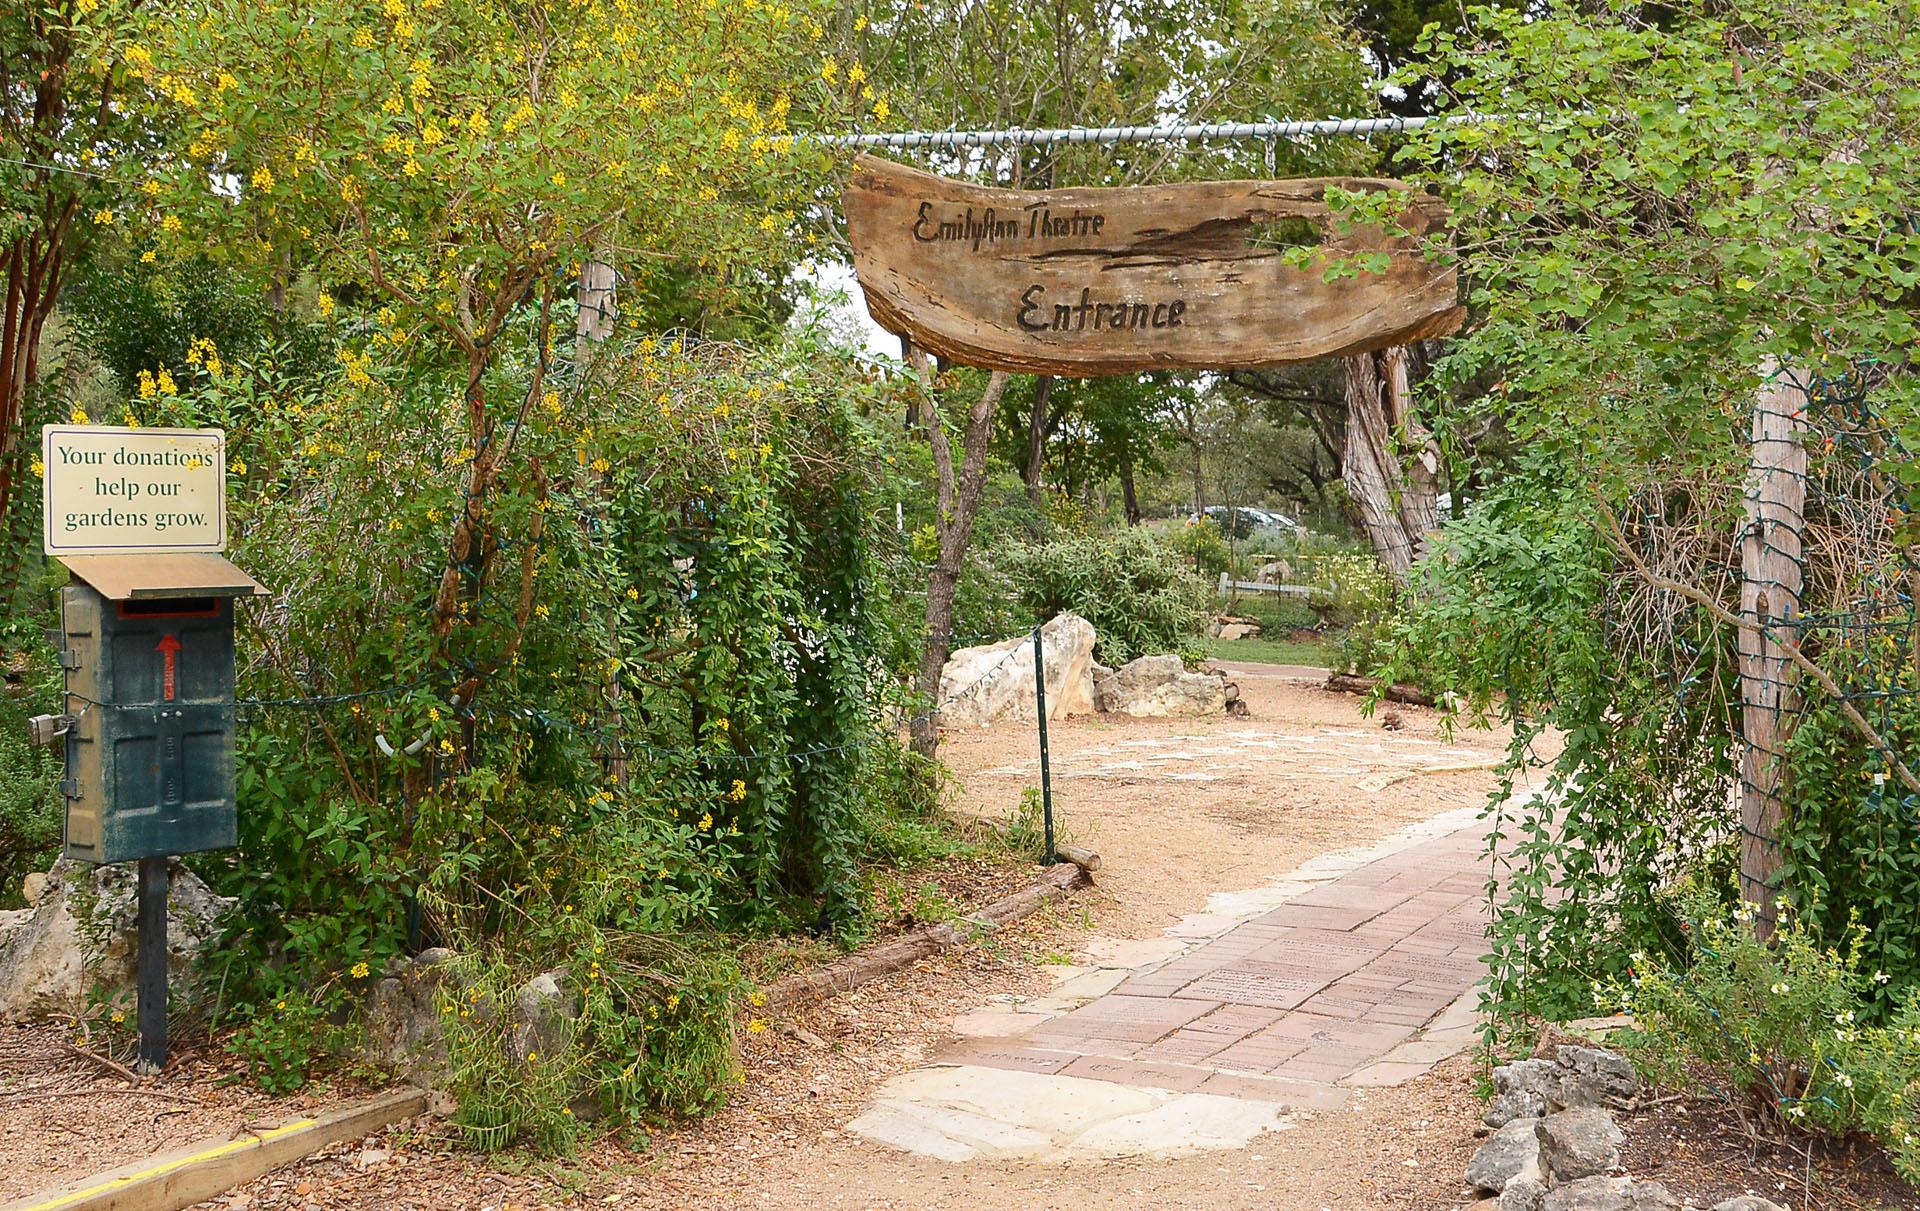 Garden-EmilyAnn-Theatre-Gardens